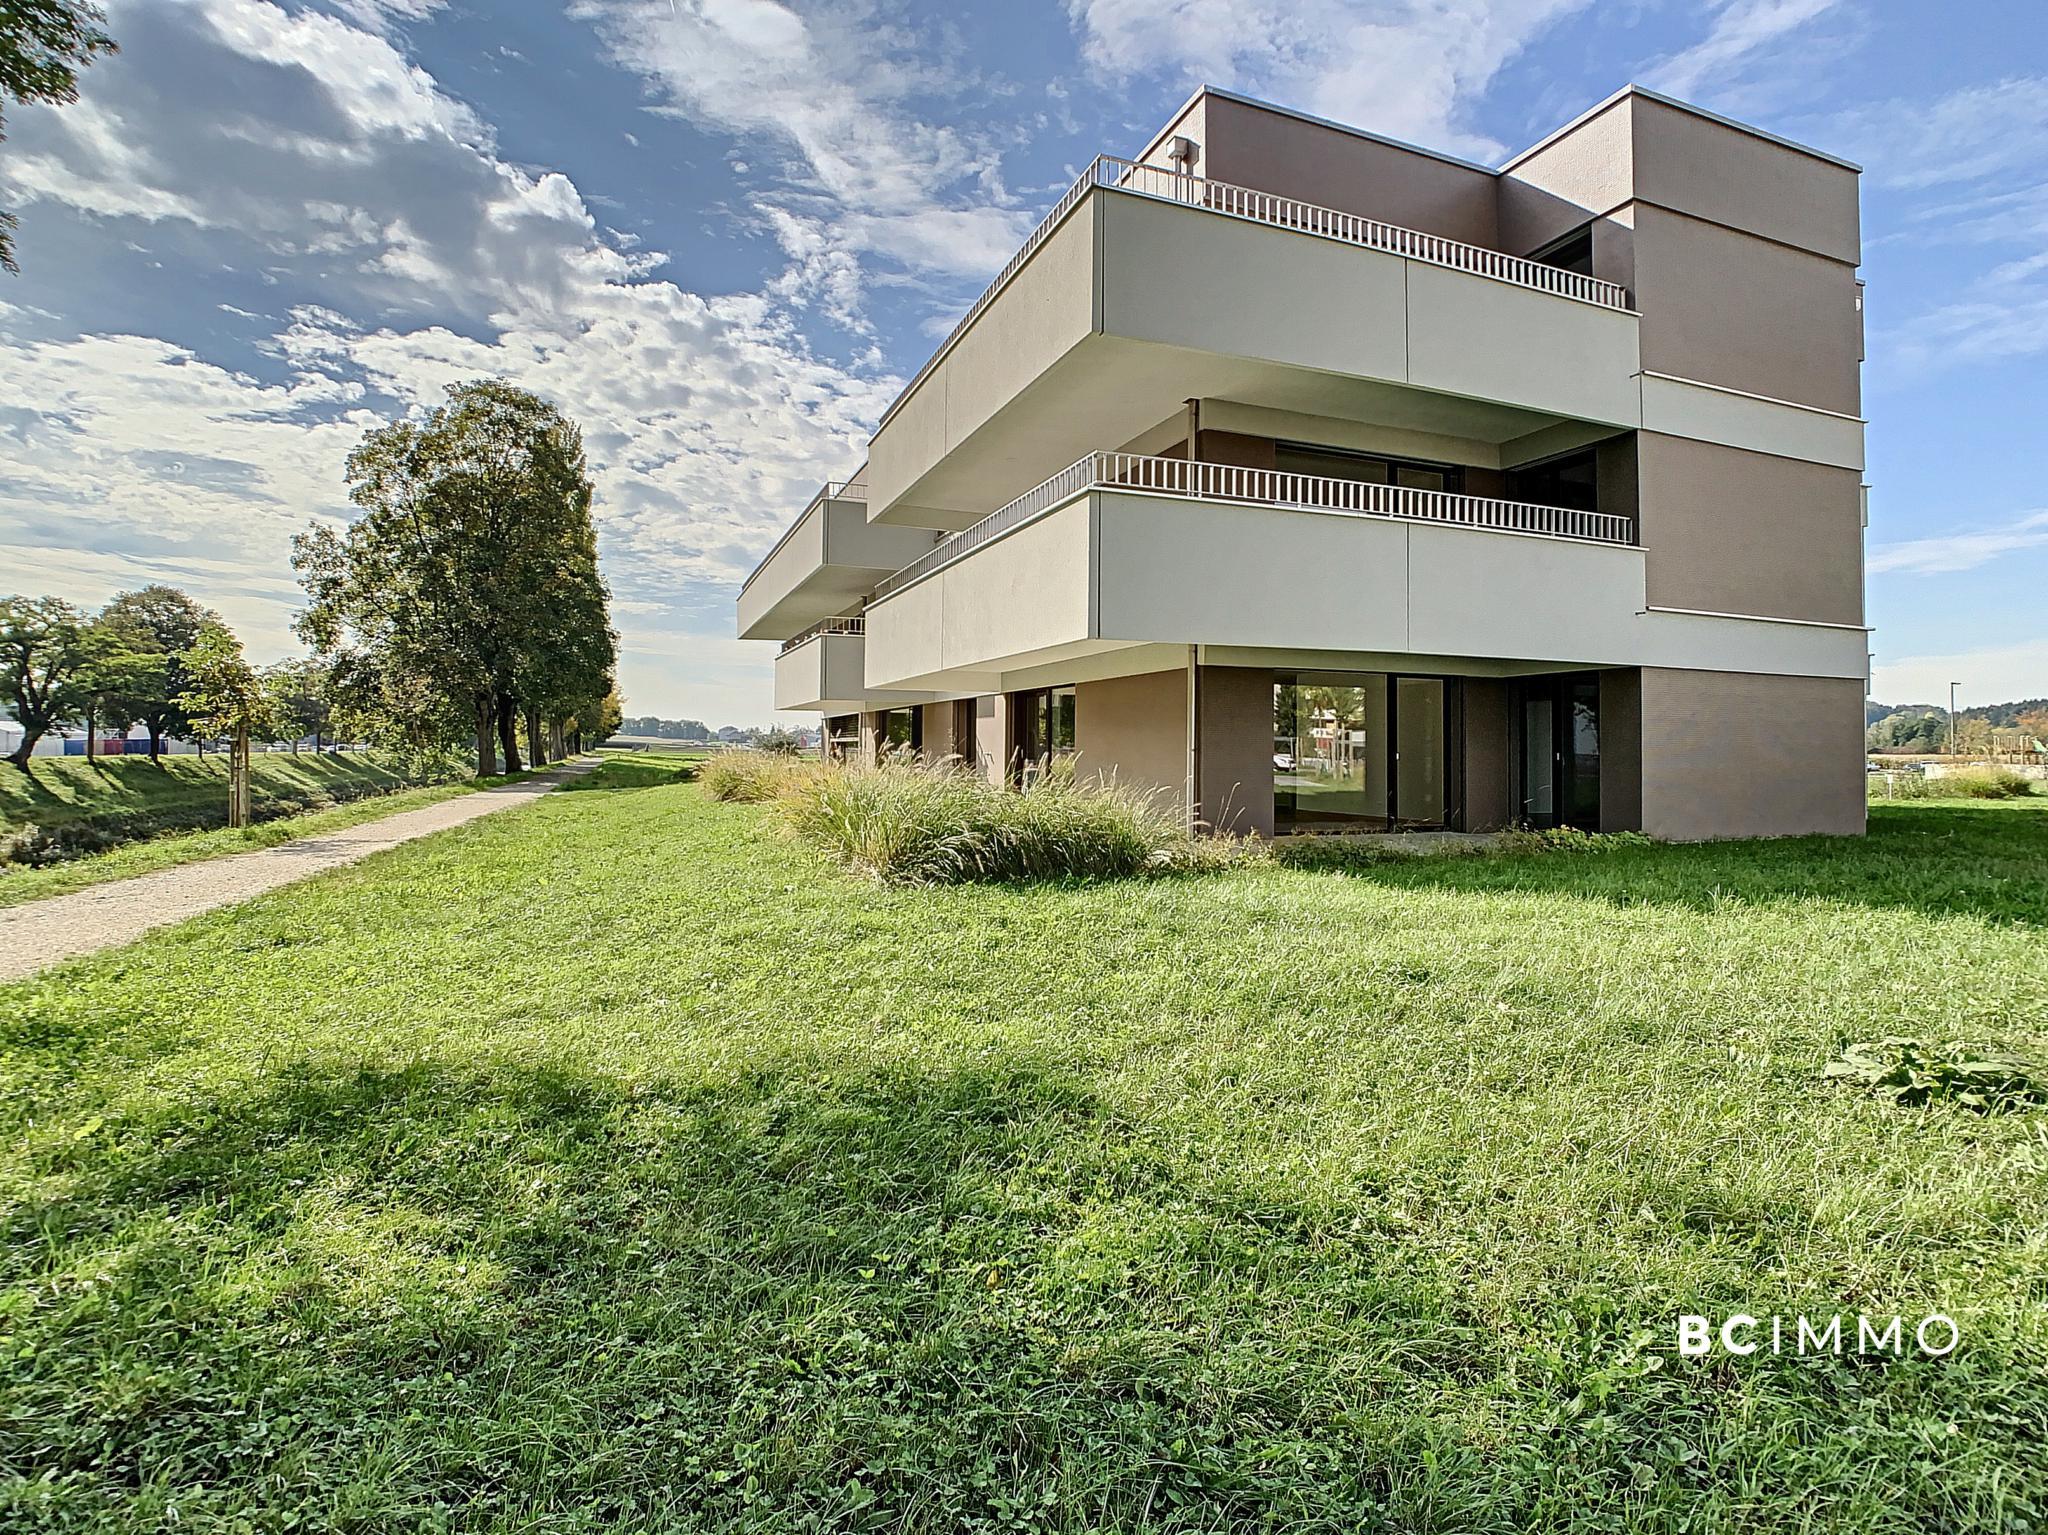 BC Immo - Appartement en attique - C5-06